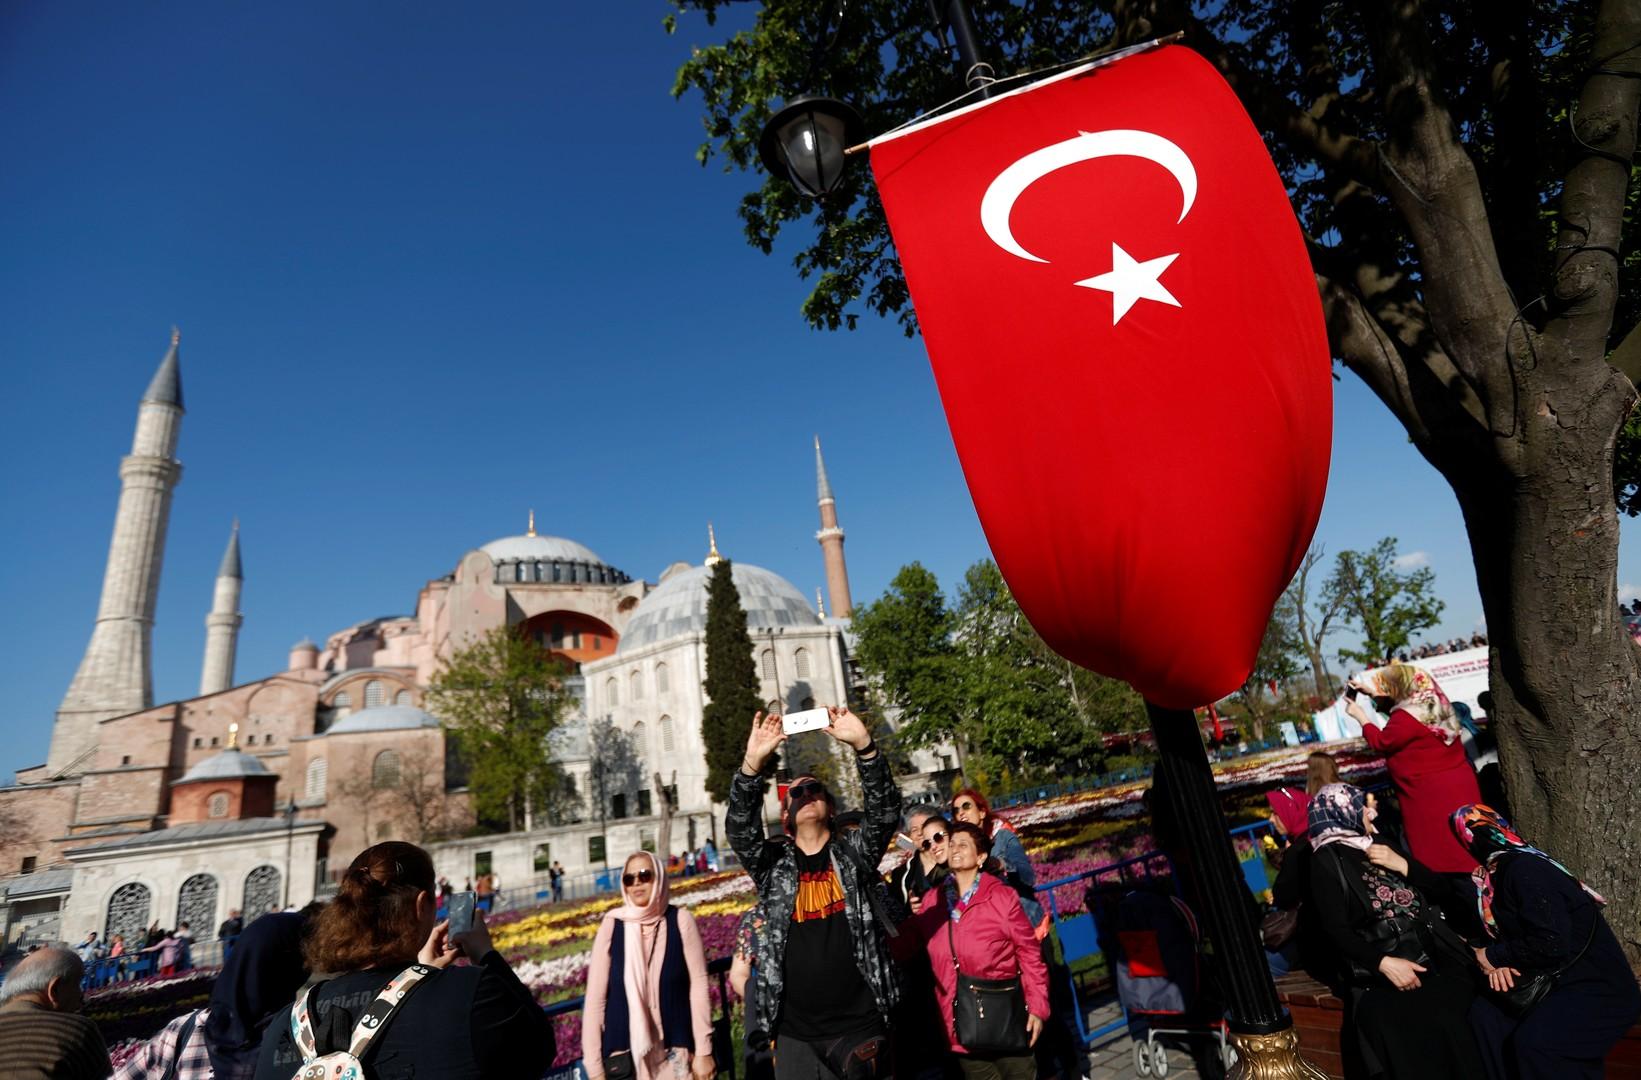 تدفق العرب نحو تركيا في عطلة الصيف وعيد الأضحى